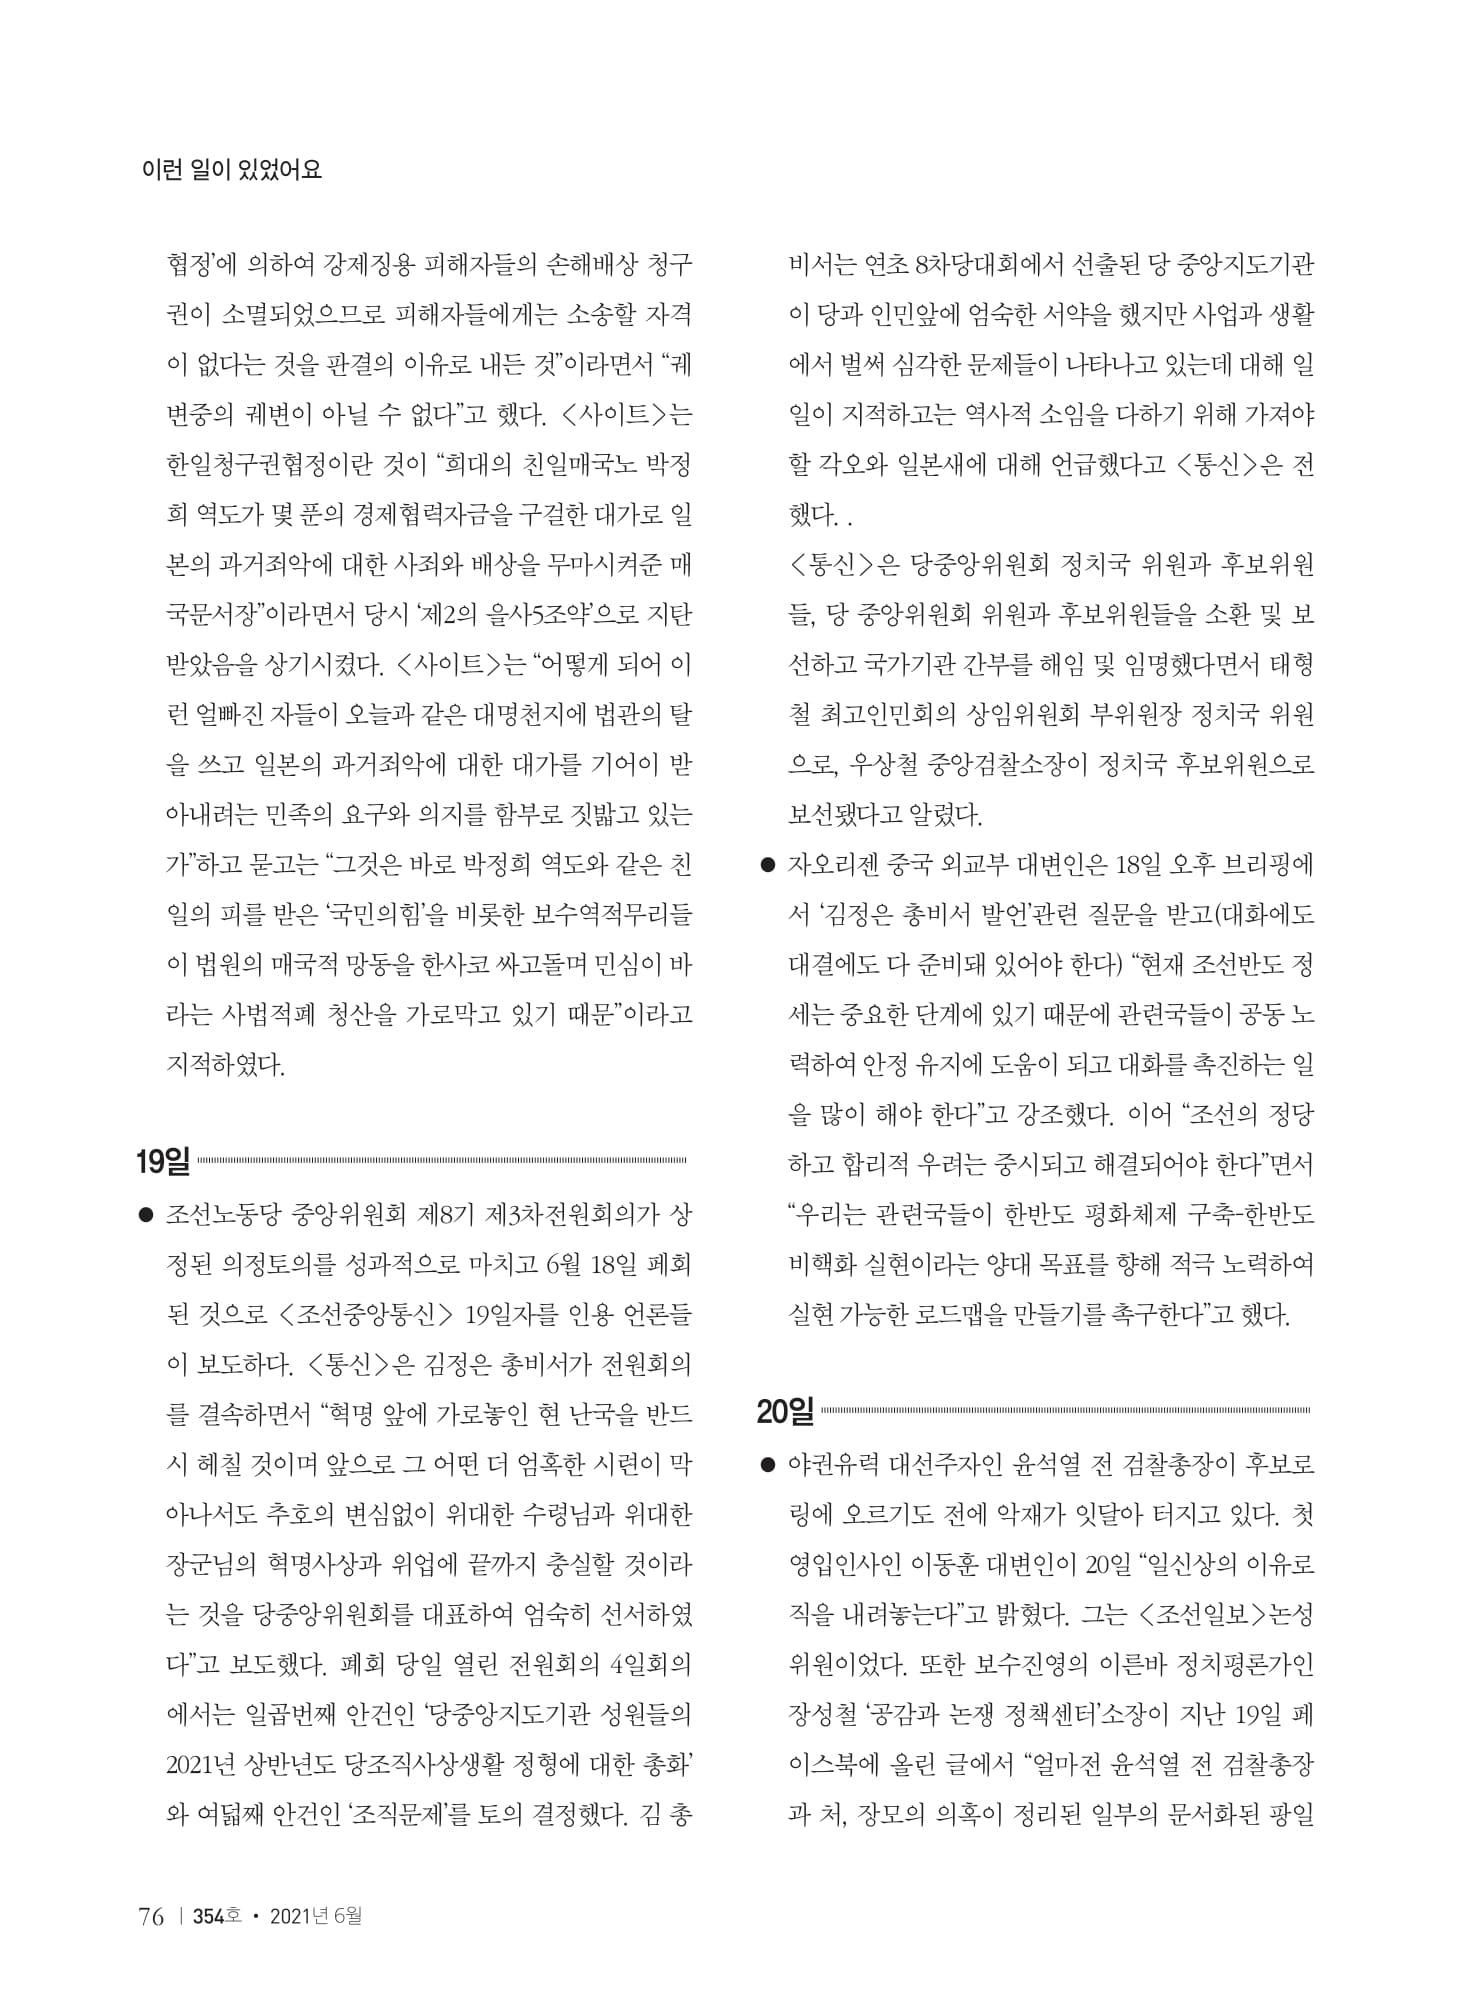 [양심수후원회] 소식지 354호 web 수정-78.jpg